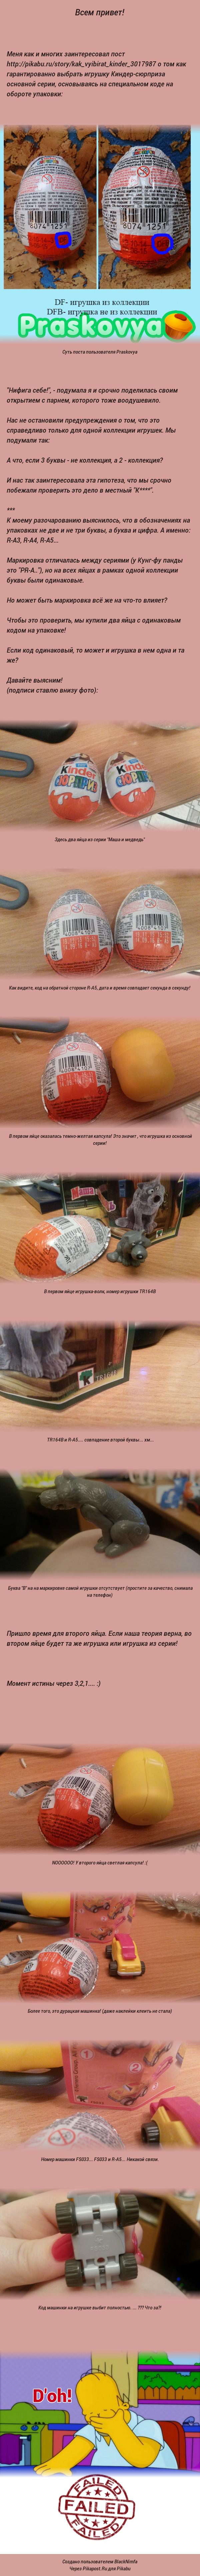 В попу суют разные игрушки — img 3